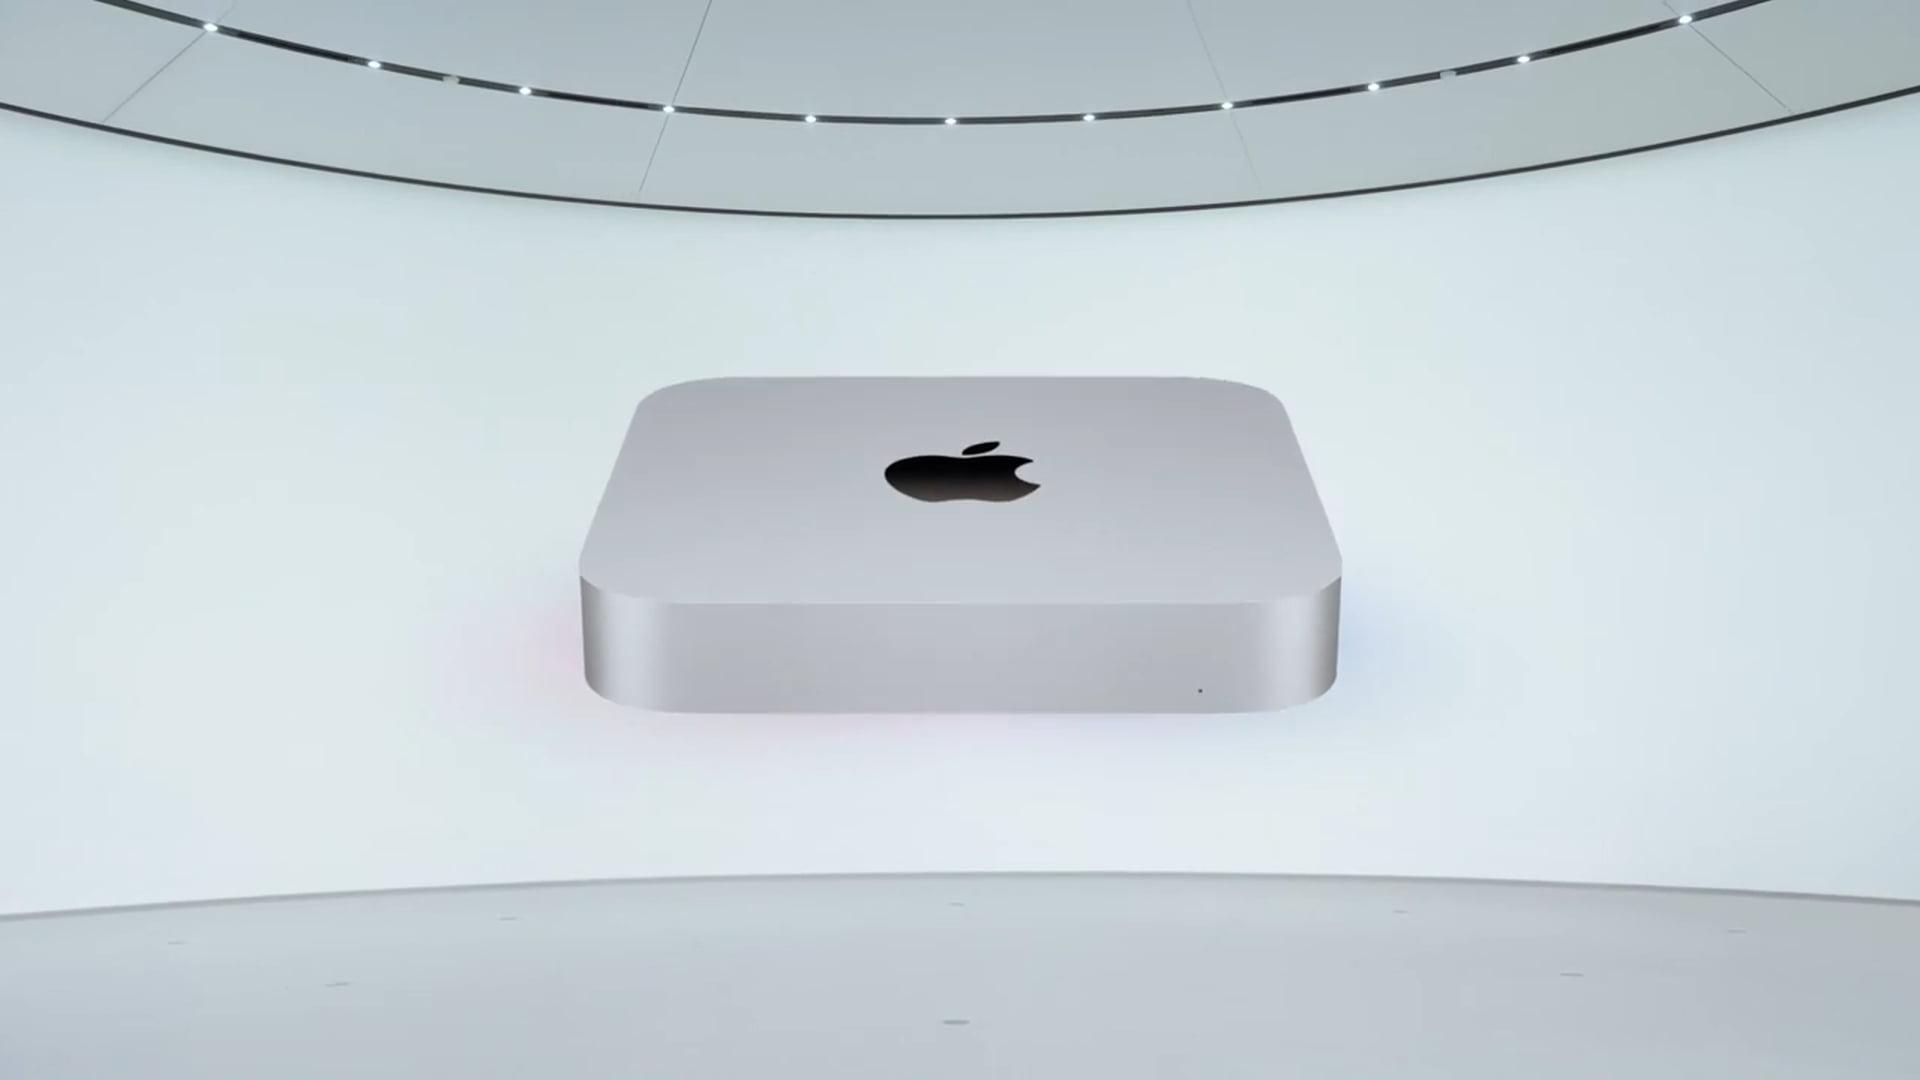 Firma Apple przedstawia nową wersję komputera Mac mini